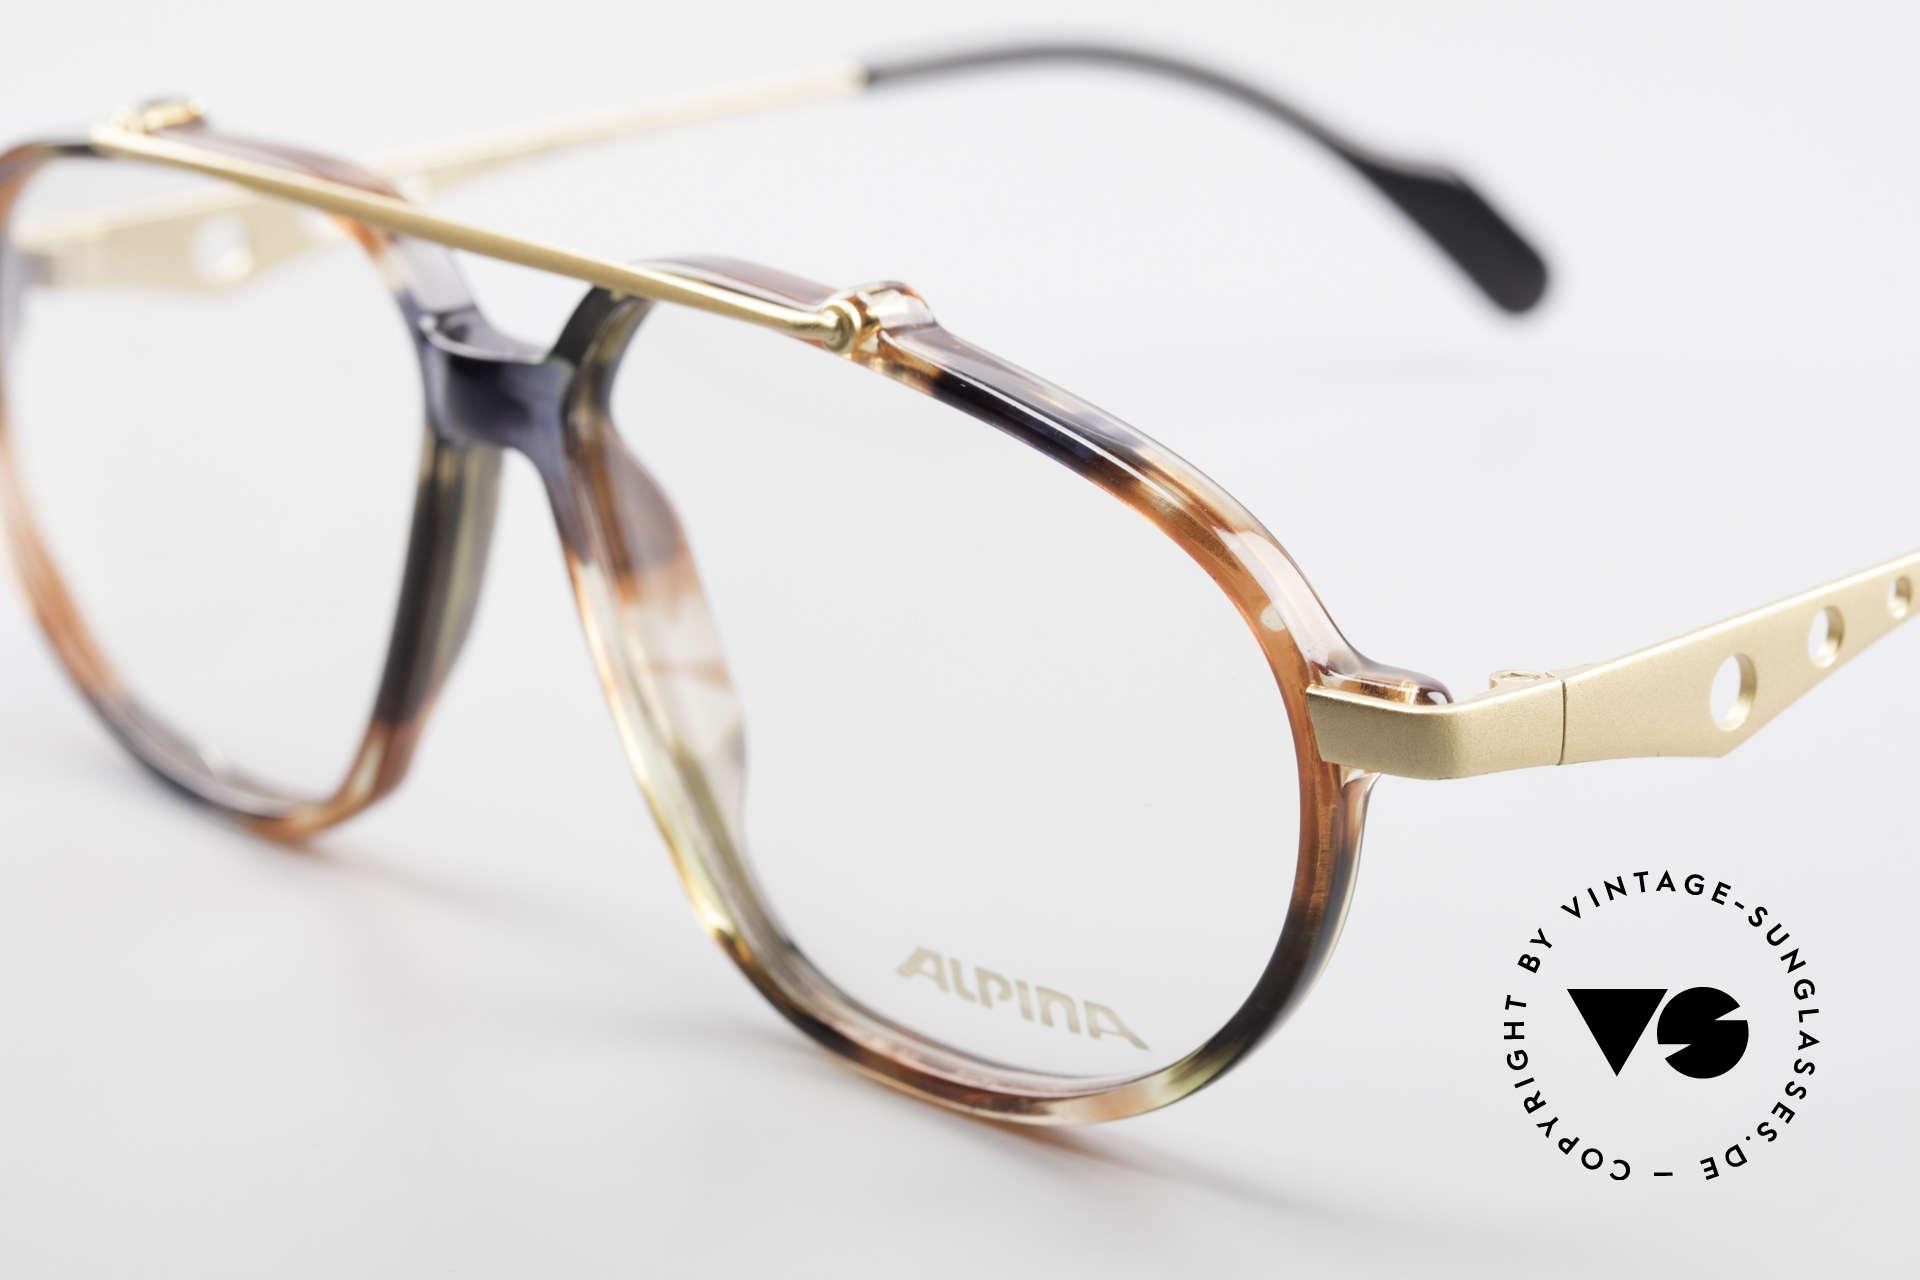 Alpina TFF461 90er Designer Brille Herren, beste Verarbeitung und sehr angenehm zu tragen, Passend für Herren